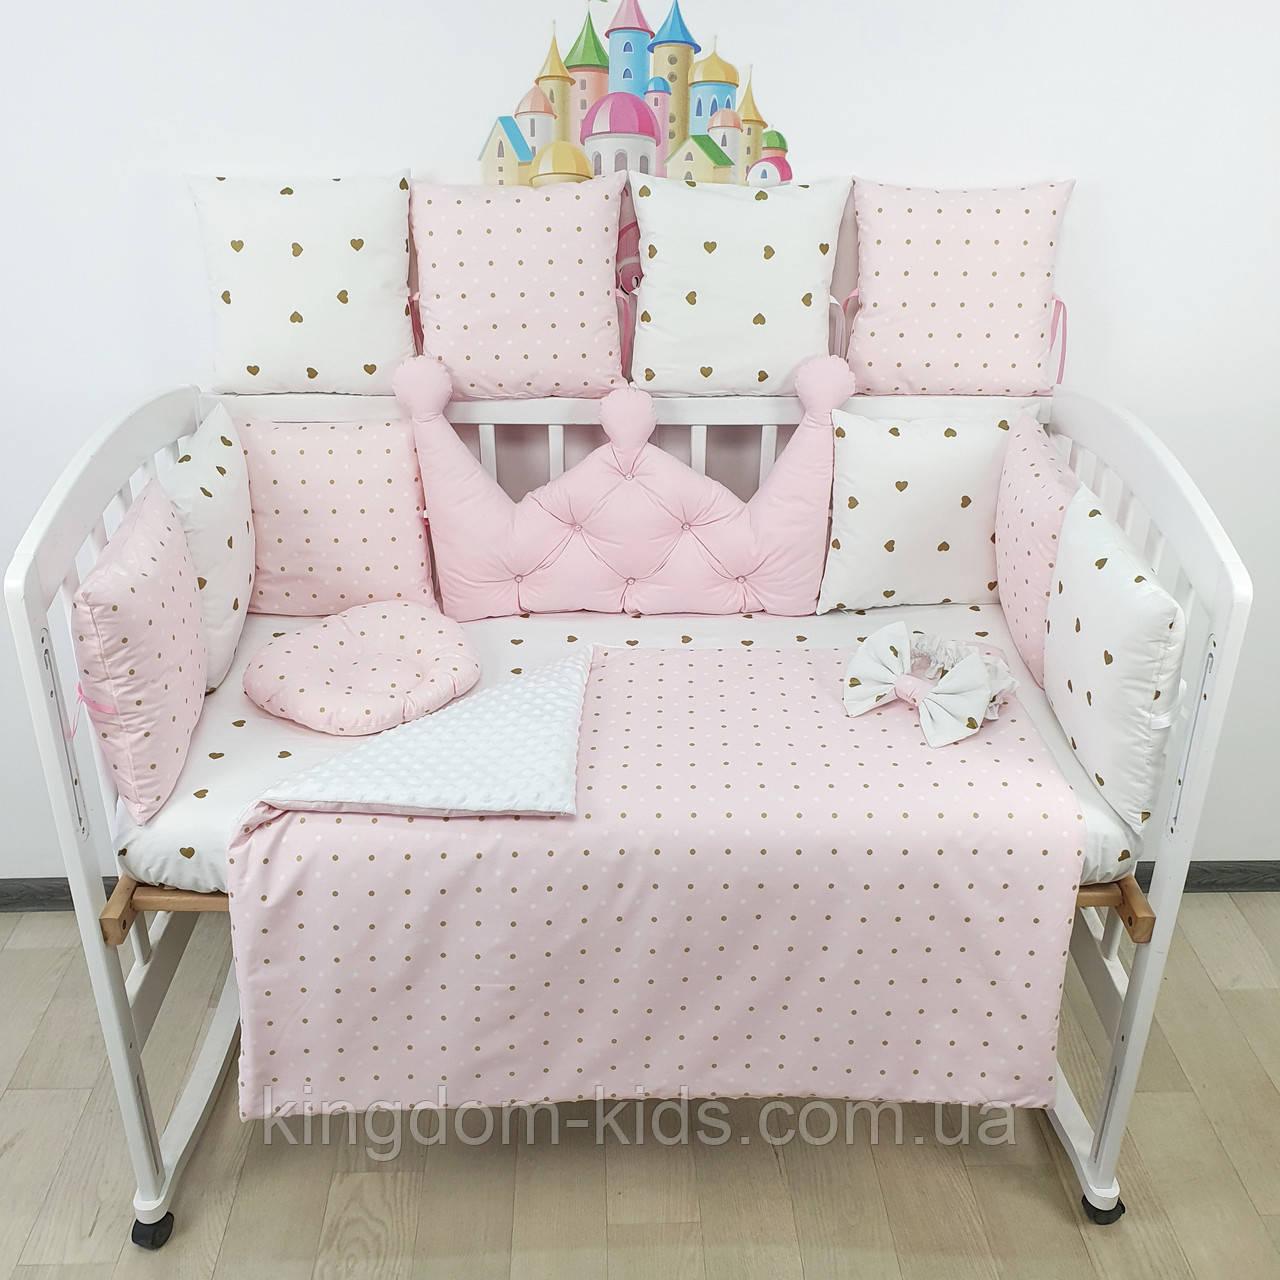 Комплект бортиков и постельного в кроватку с большой короной в розовых тонах.